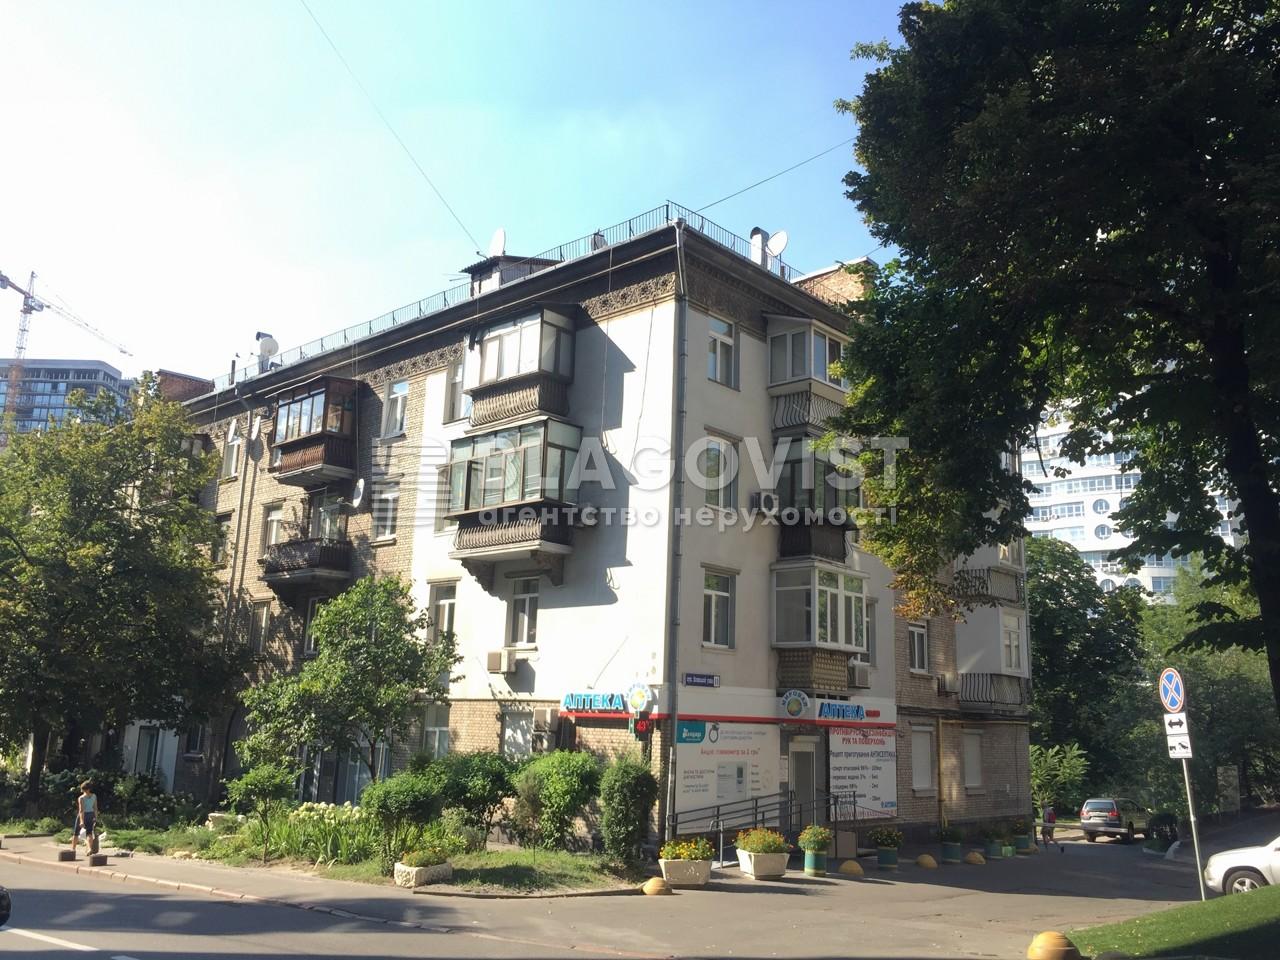 Квартира C-108799, Кловський узвіз, 11, Київ - Фото 2